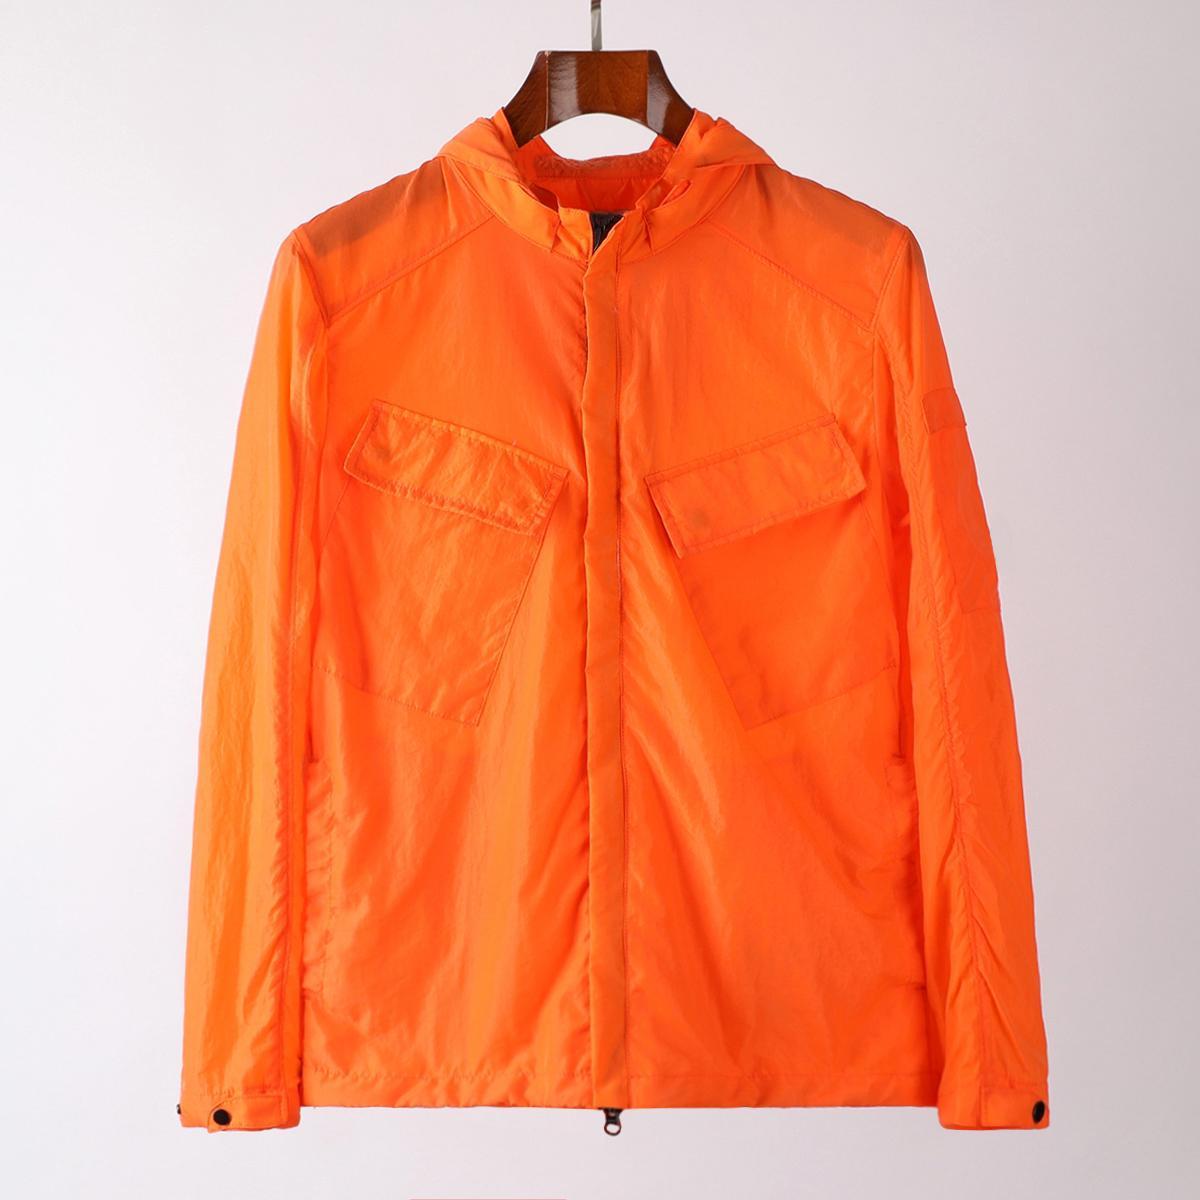 Windbreaker Sweatshirt Topstoney Mens Jacket Cyberpunk Casual Streetwear Company Zipper Outdoor Hood Coat 3 Color Asian SIZE M-XXL